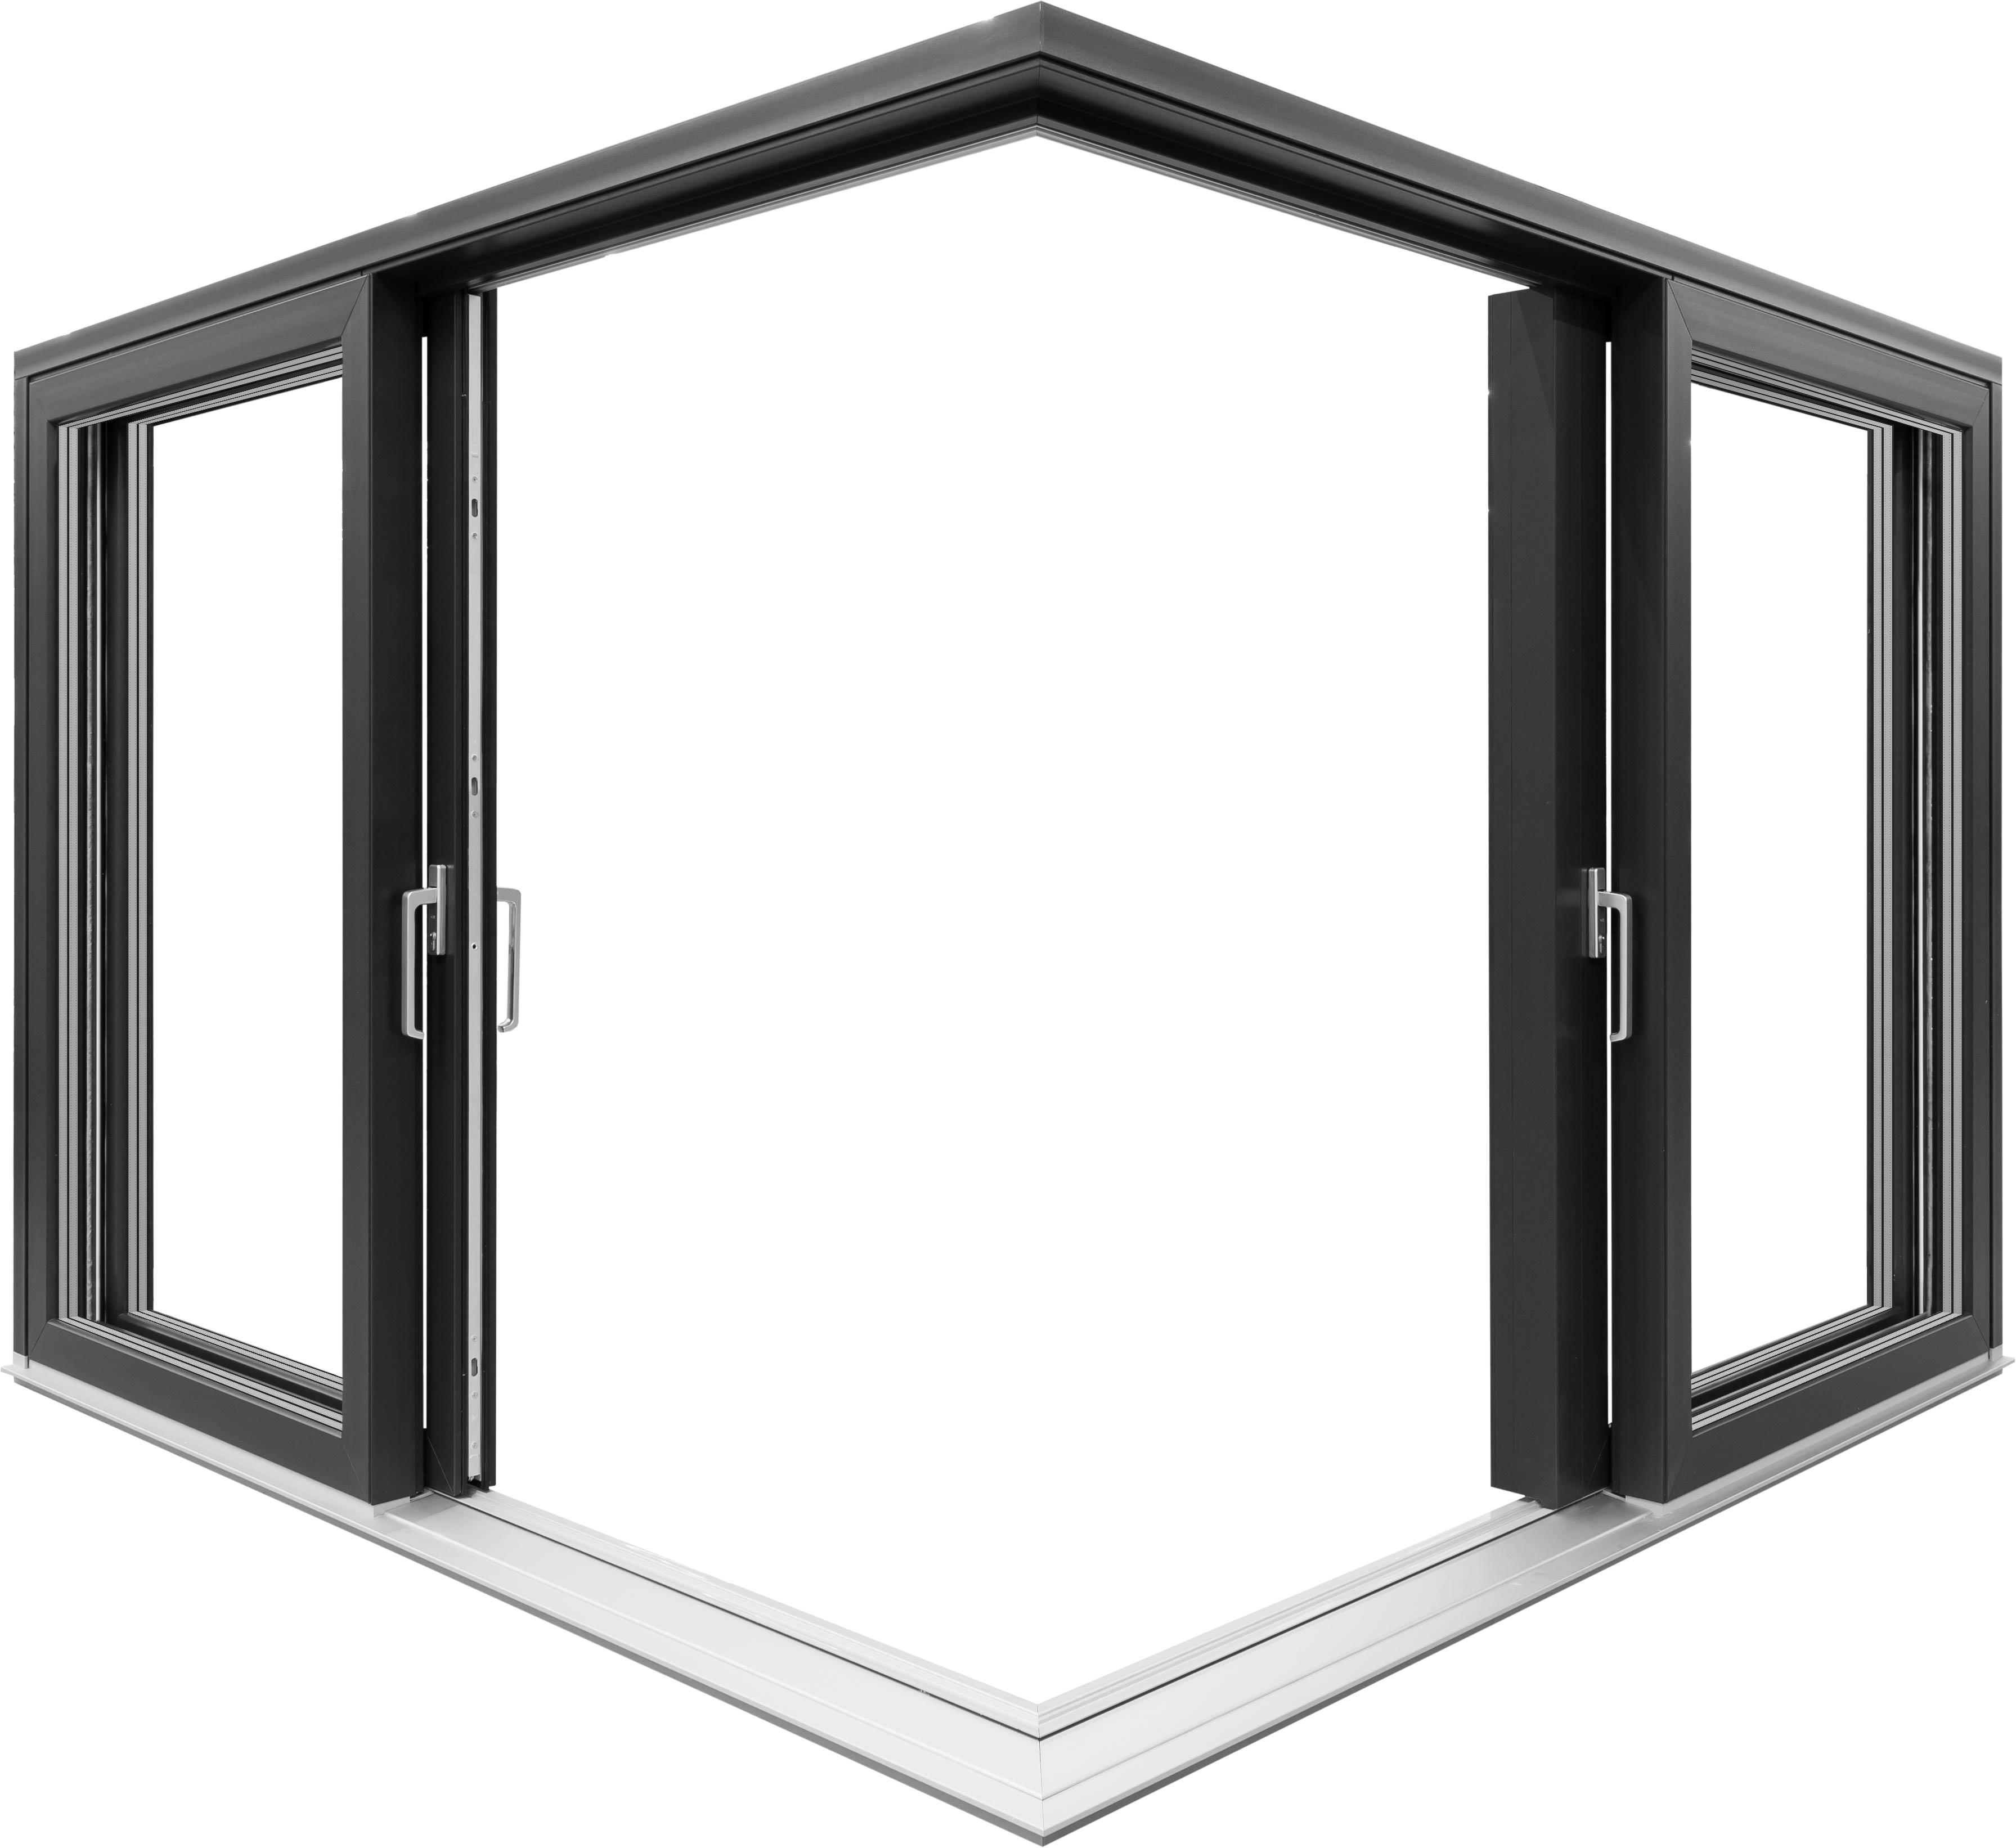 iglo hs hebe schiebe t r von drutex l sst sich jetzt auch ber eck ffnen. Black Bedroom Furniture Sets. Home Design Ideas